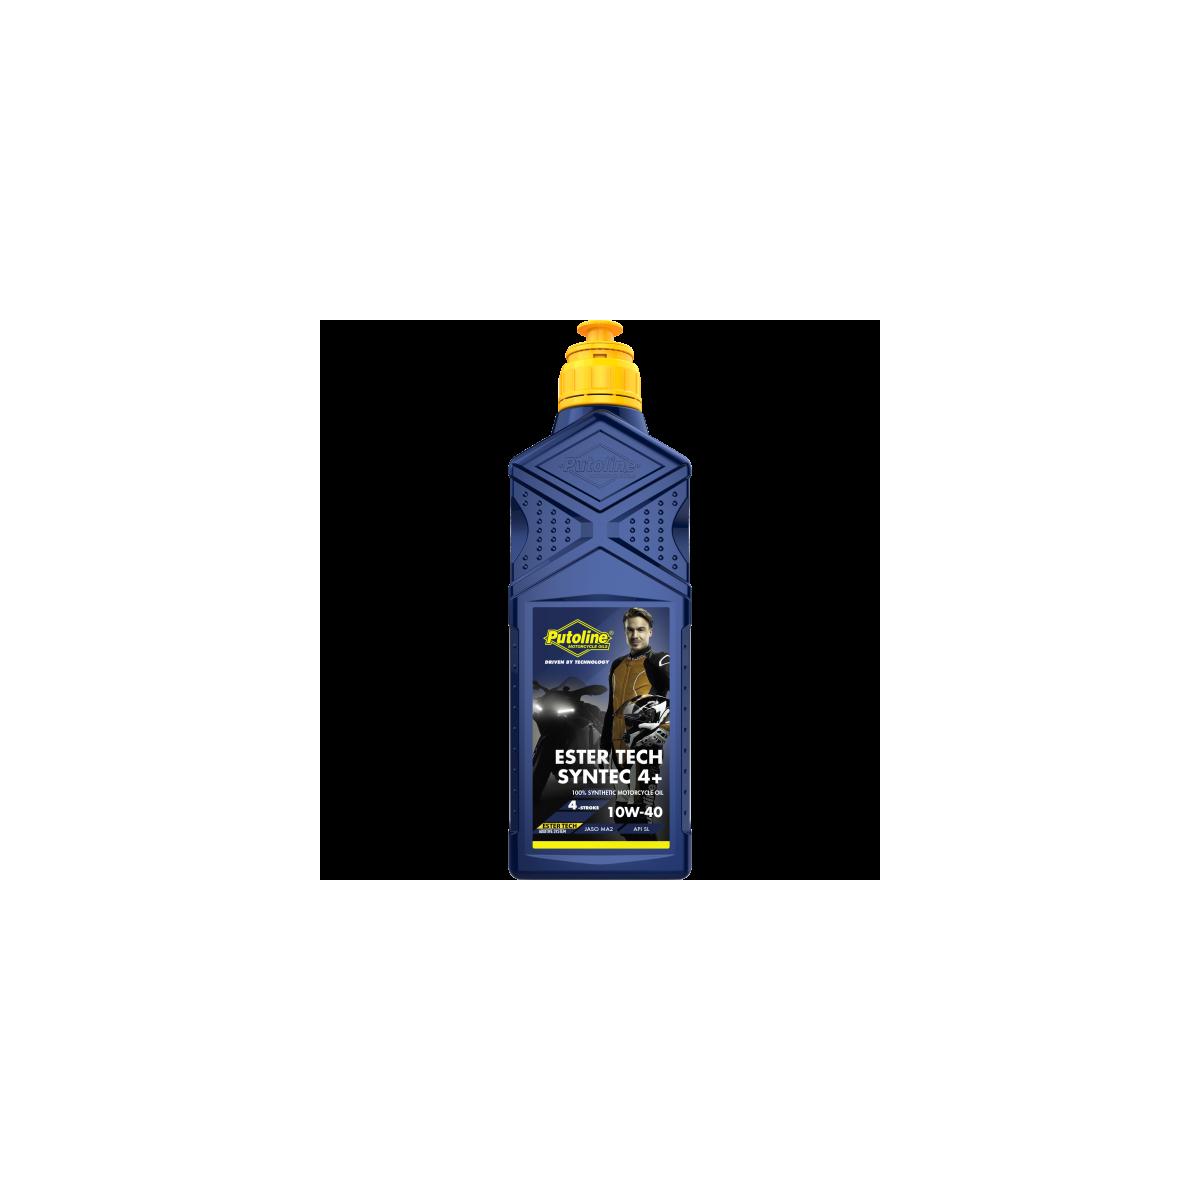 Huile moteur 4 temps Putoline Syntec 4+ 10w40 1 litre